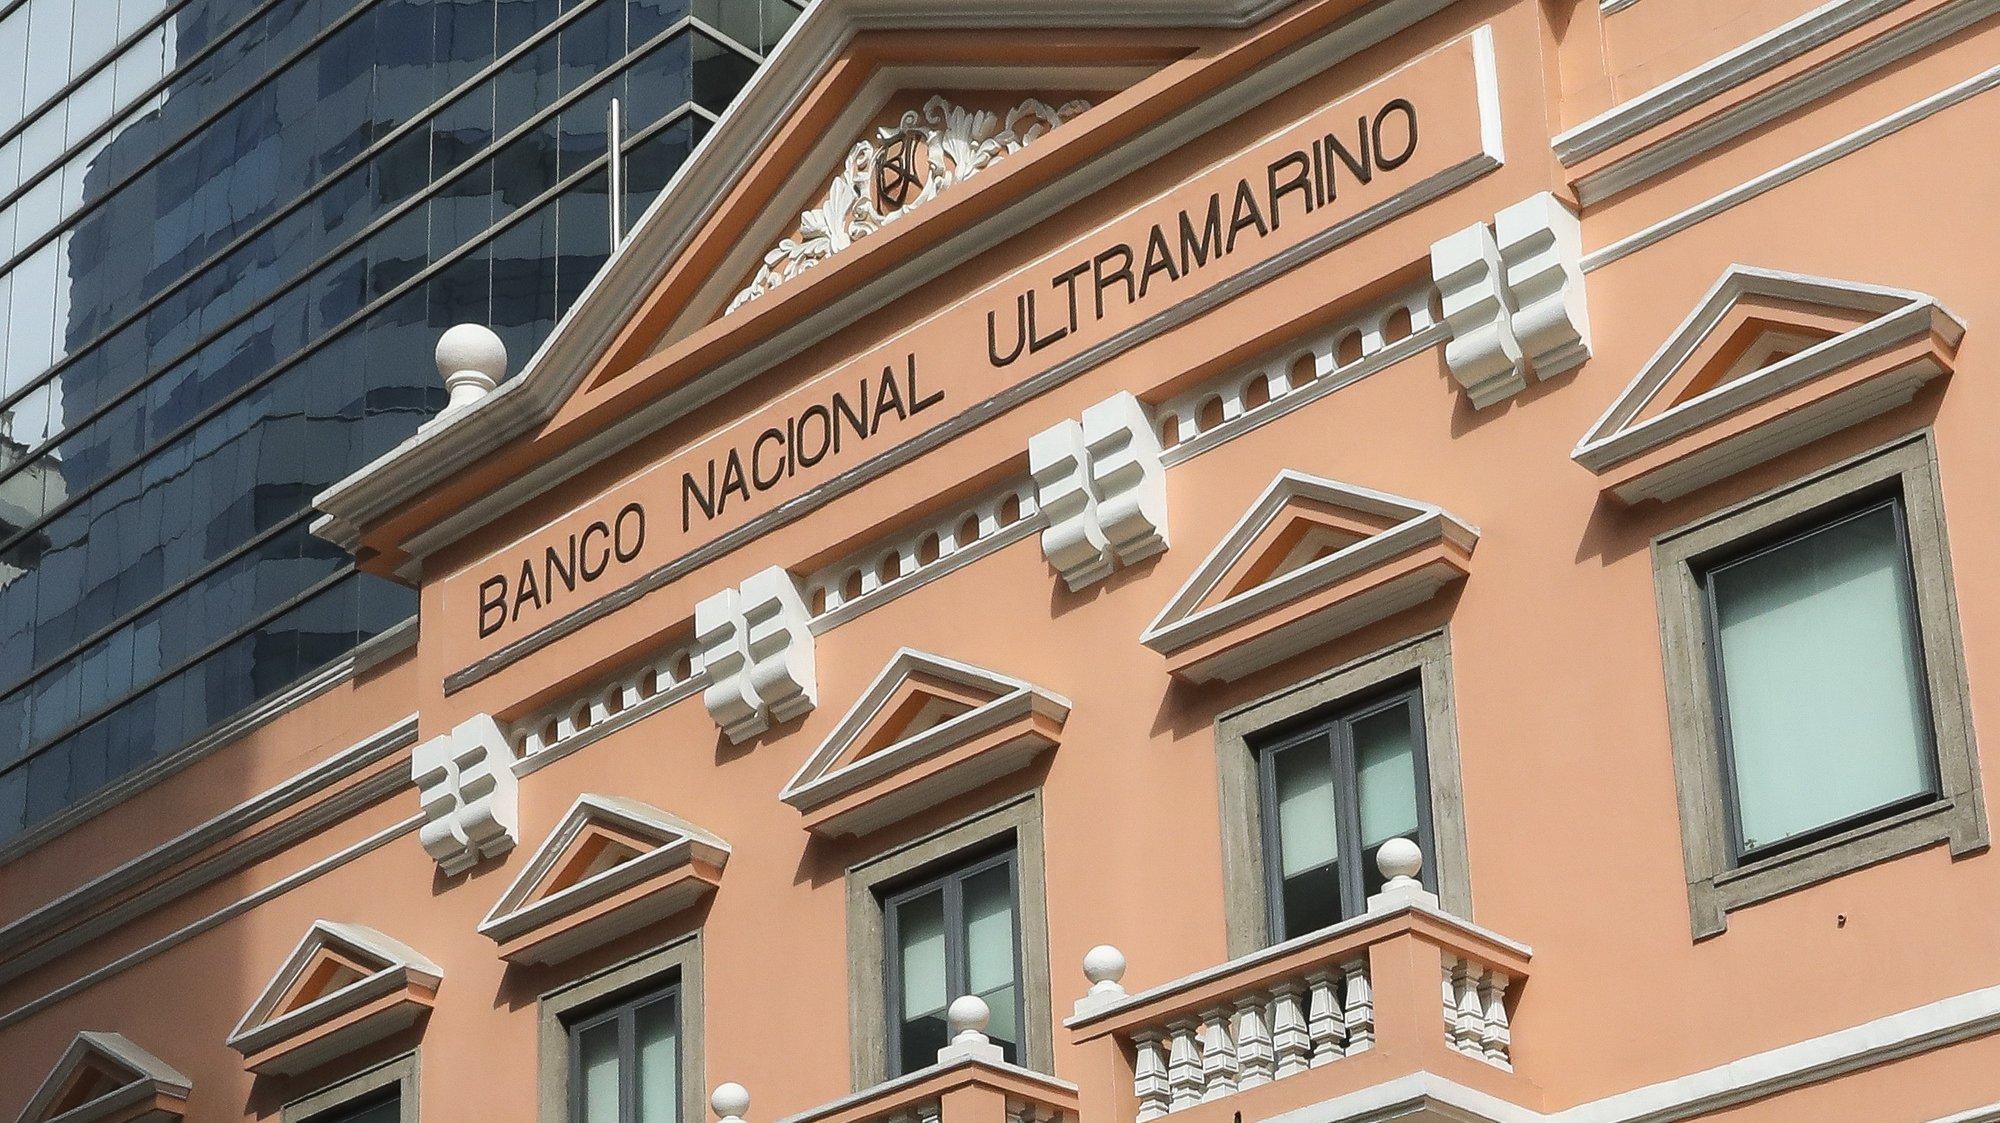 Fachada do edifício do Banco Nacional Ultramarino em Macau, China.17 de dezembro de 2019. JOÃO RELVAS/LUSA